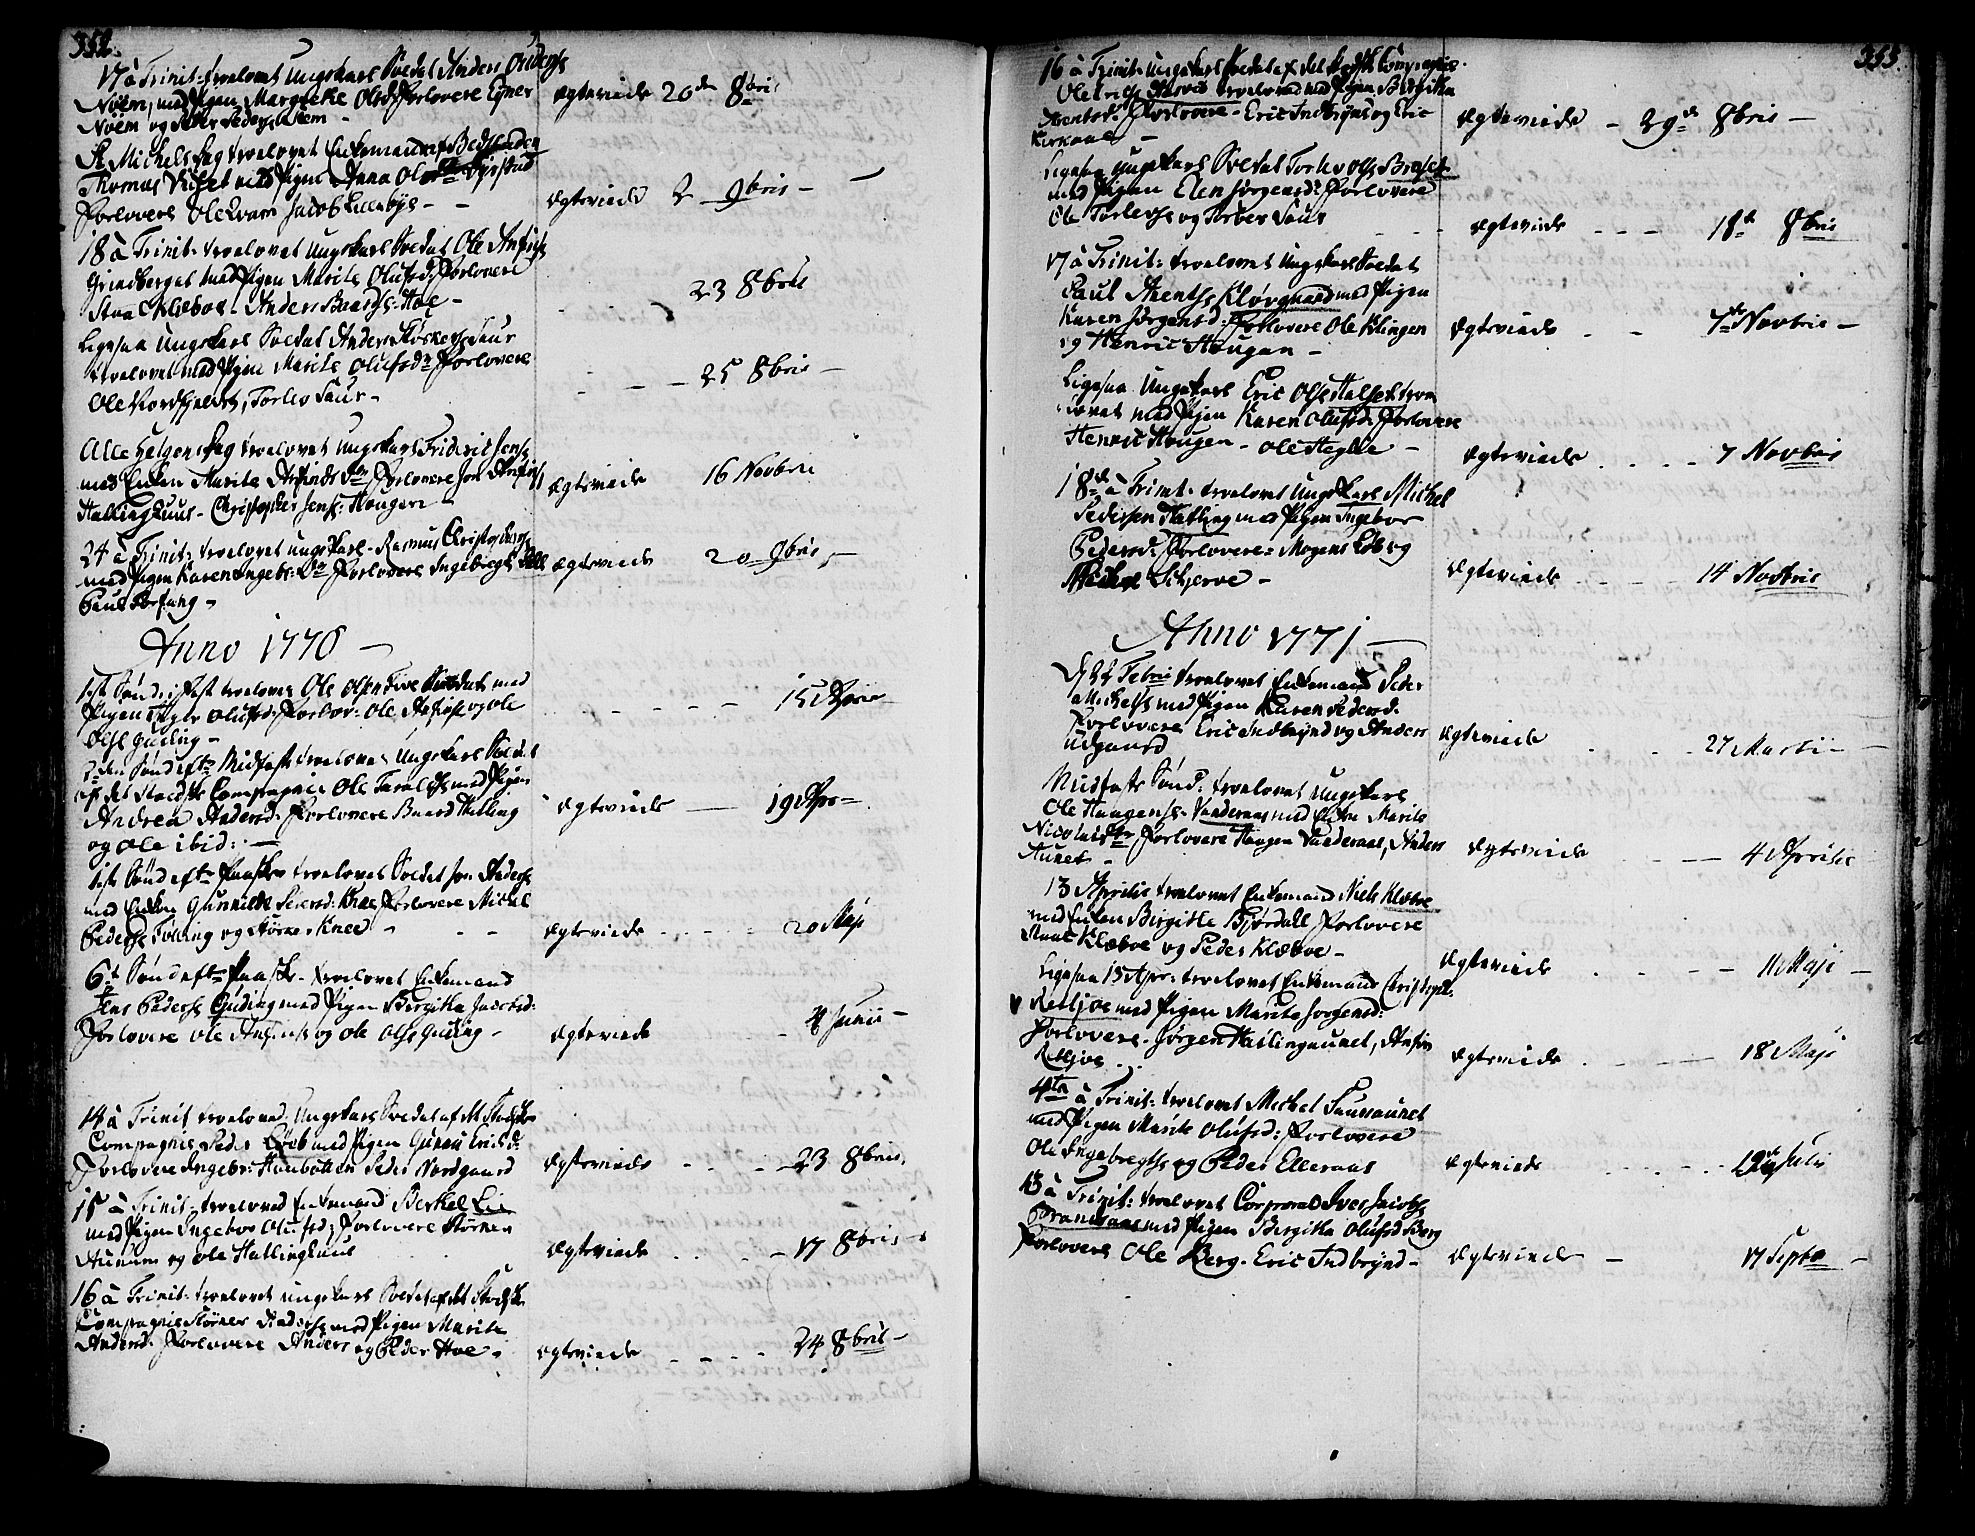 SAT, Ministerialprotokoller, klokkerbøker og fødselsregistre - Nord-Trøndelag, 746/L0440: Ministerialbok nr. 746A02, 1760-1815, s. 352-353